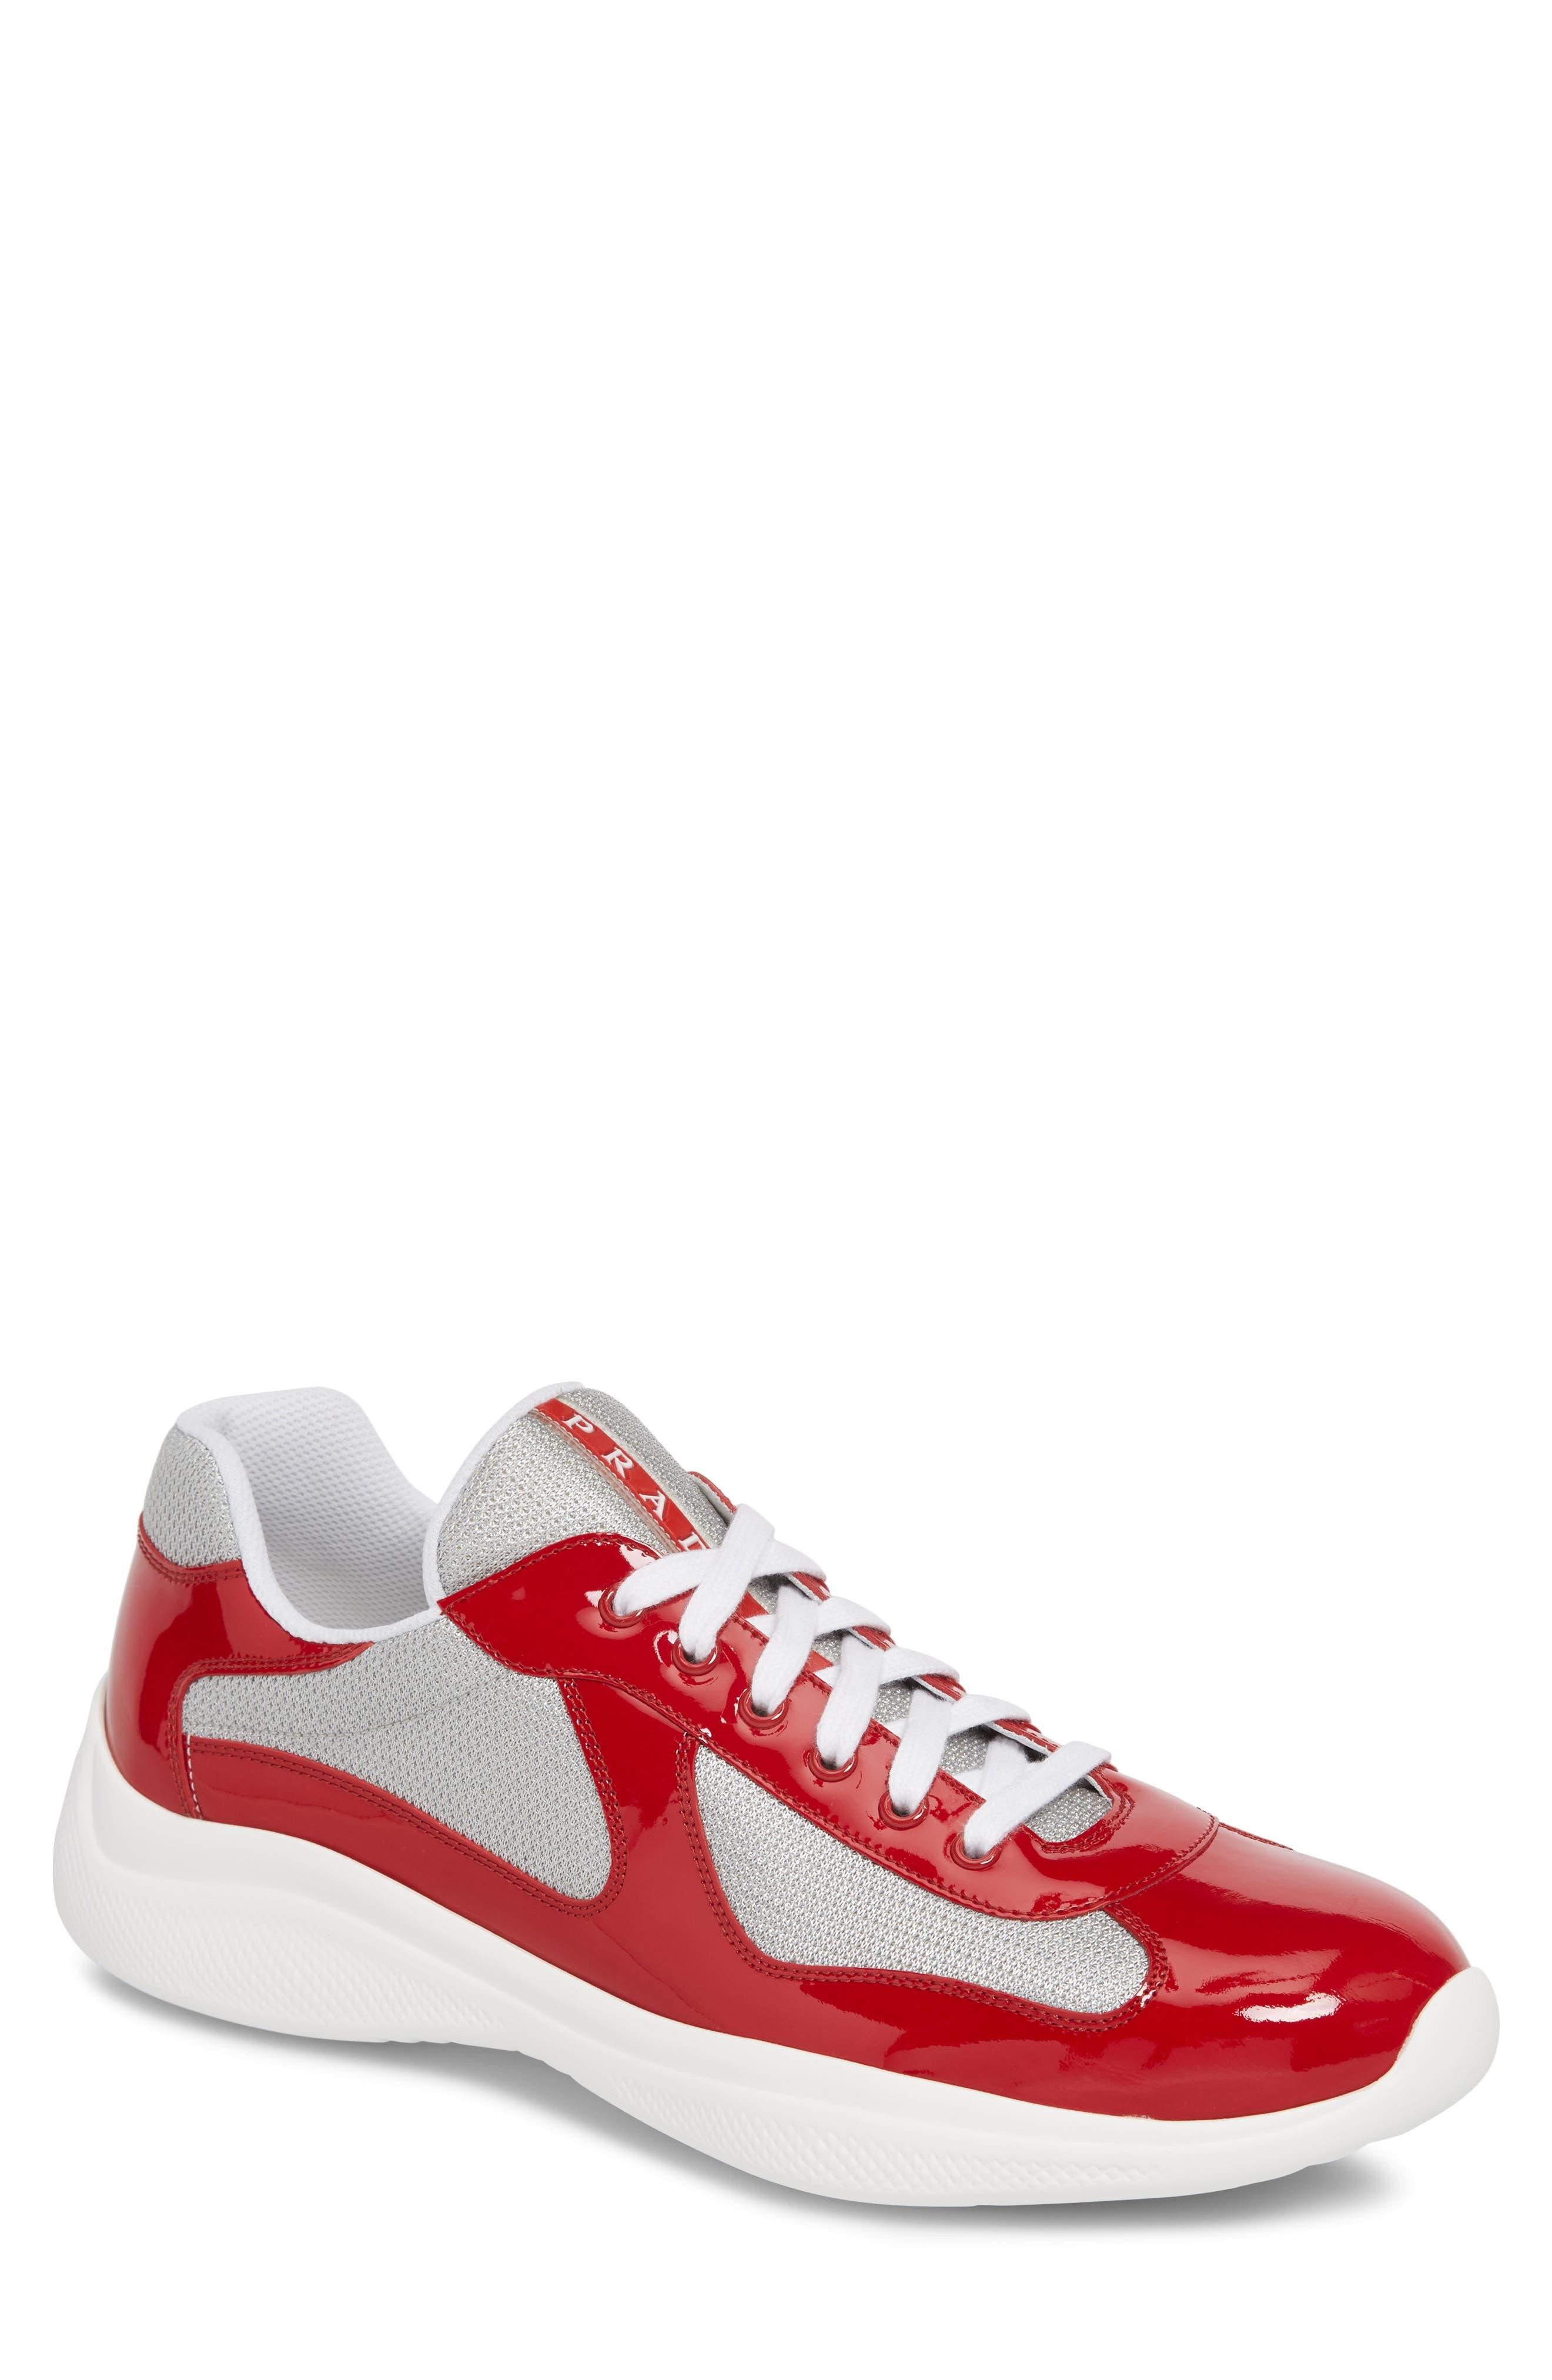 b04a5cab Men's Prada Shoes | Nordstrom